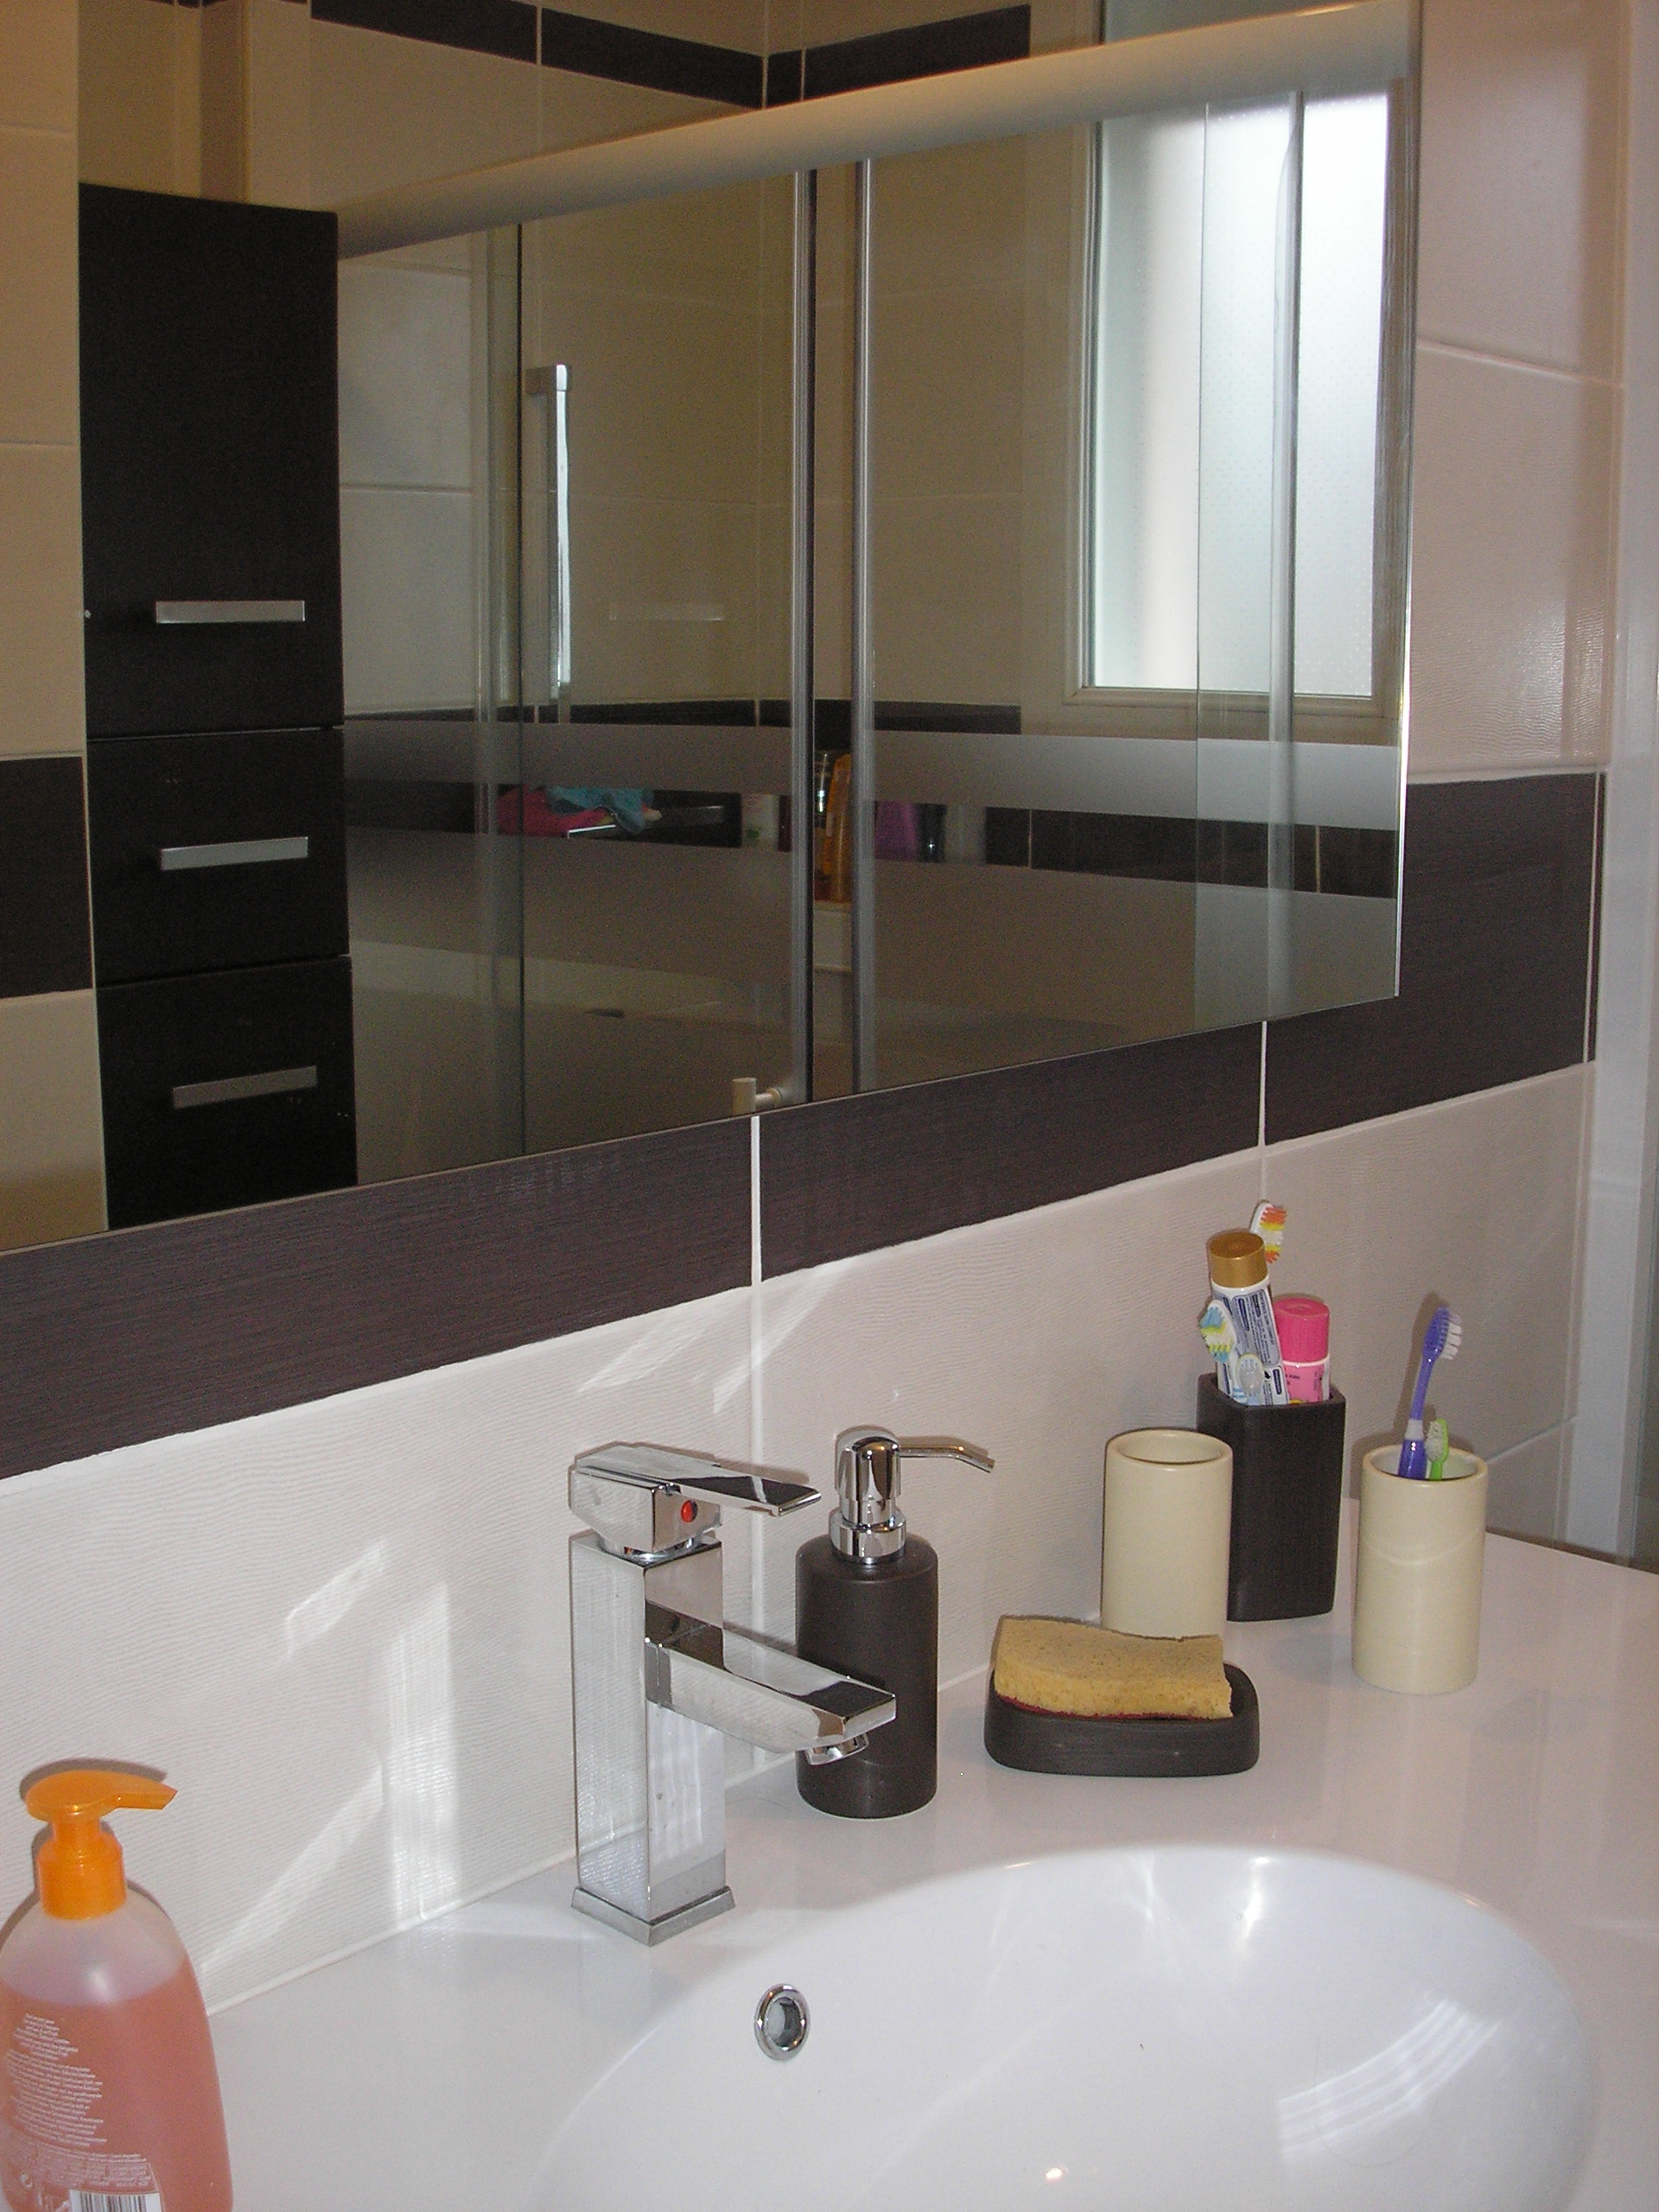 Salle de bain zone vasque et miroir - Zone salle de bain ...